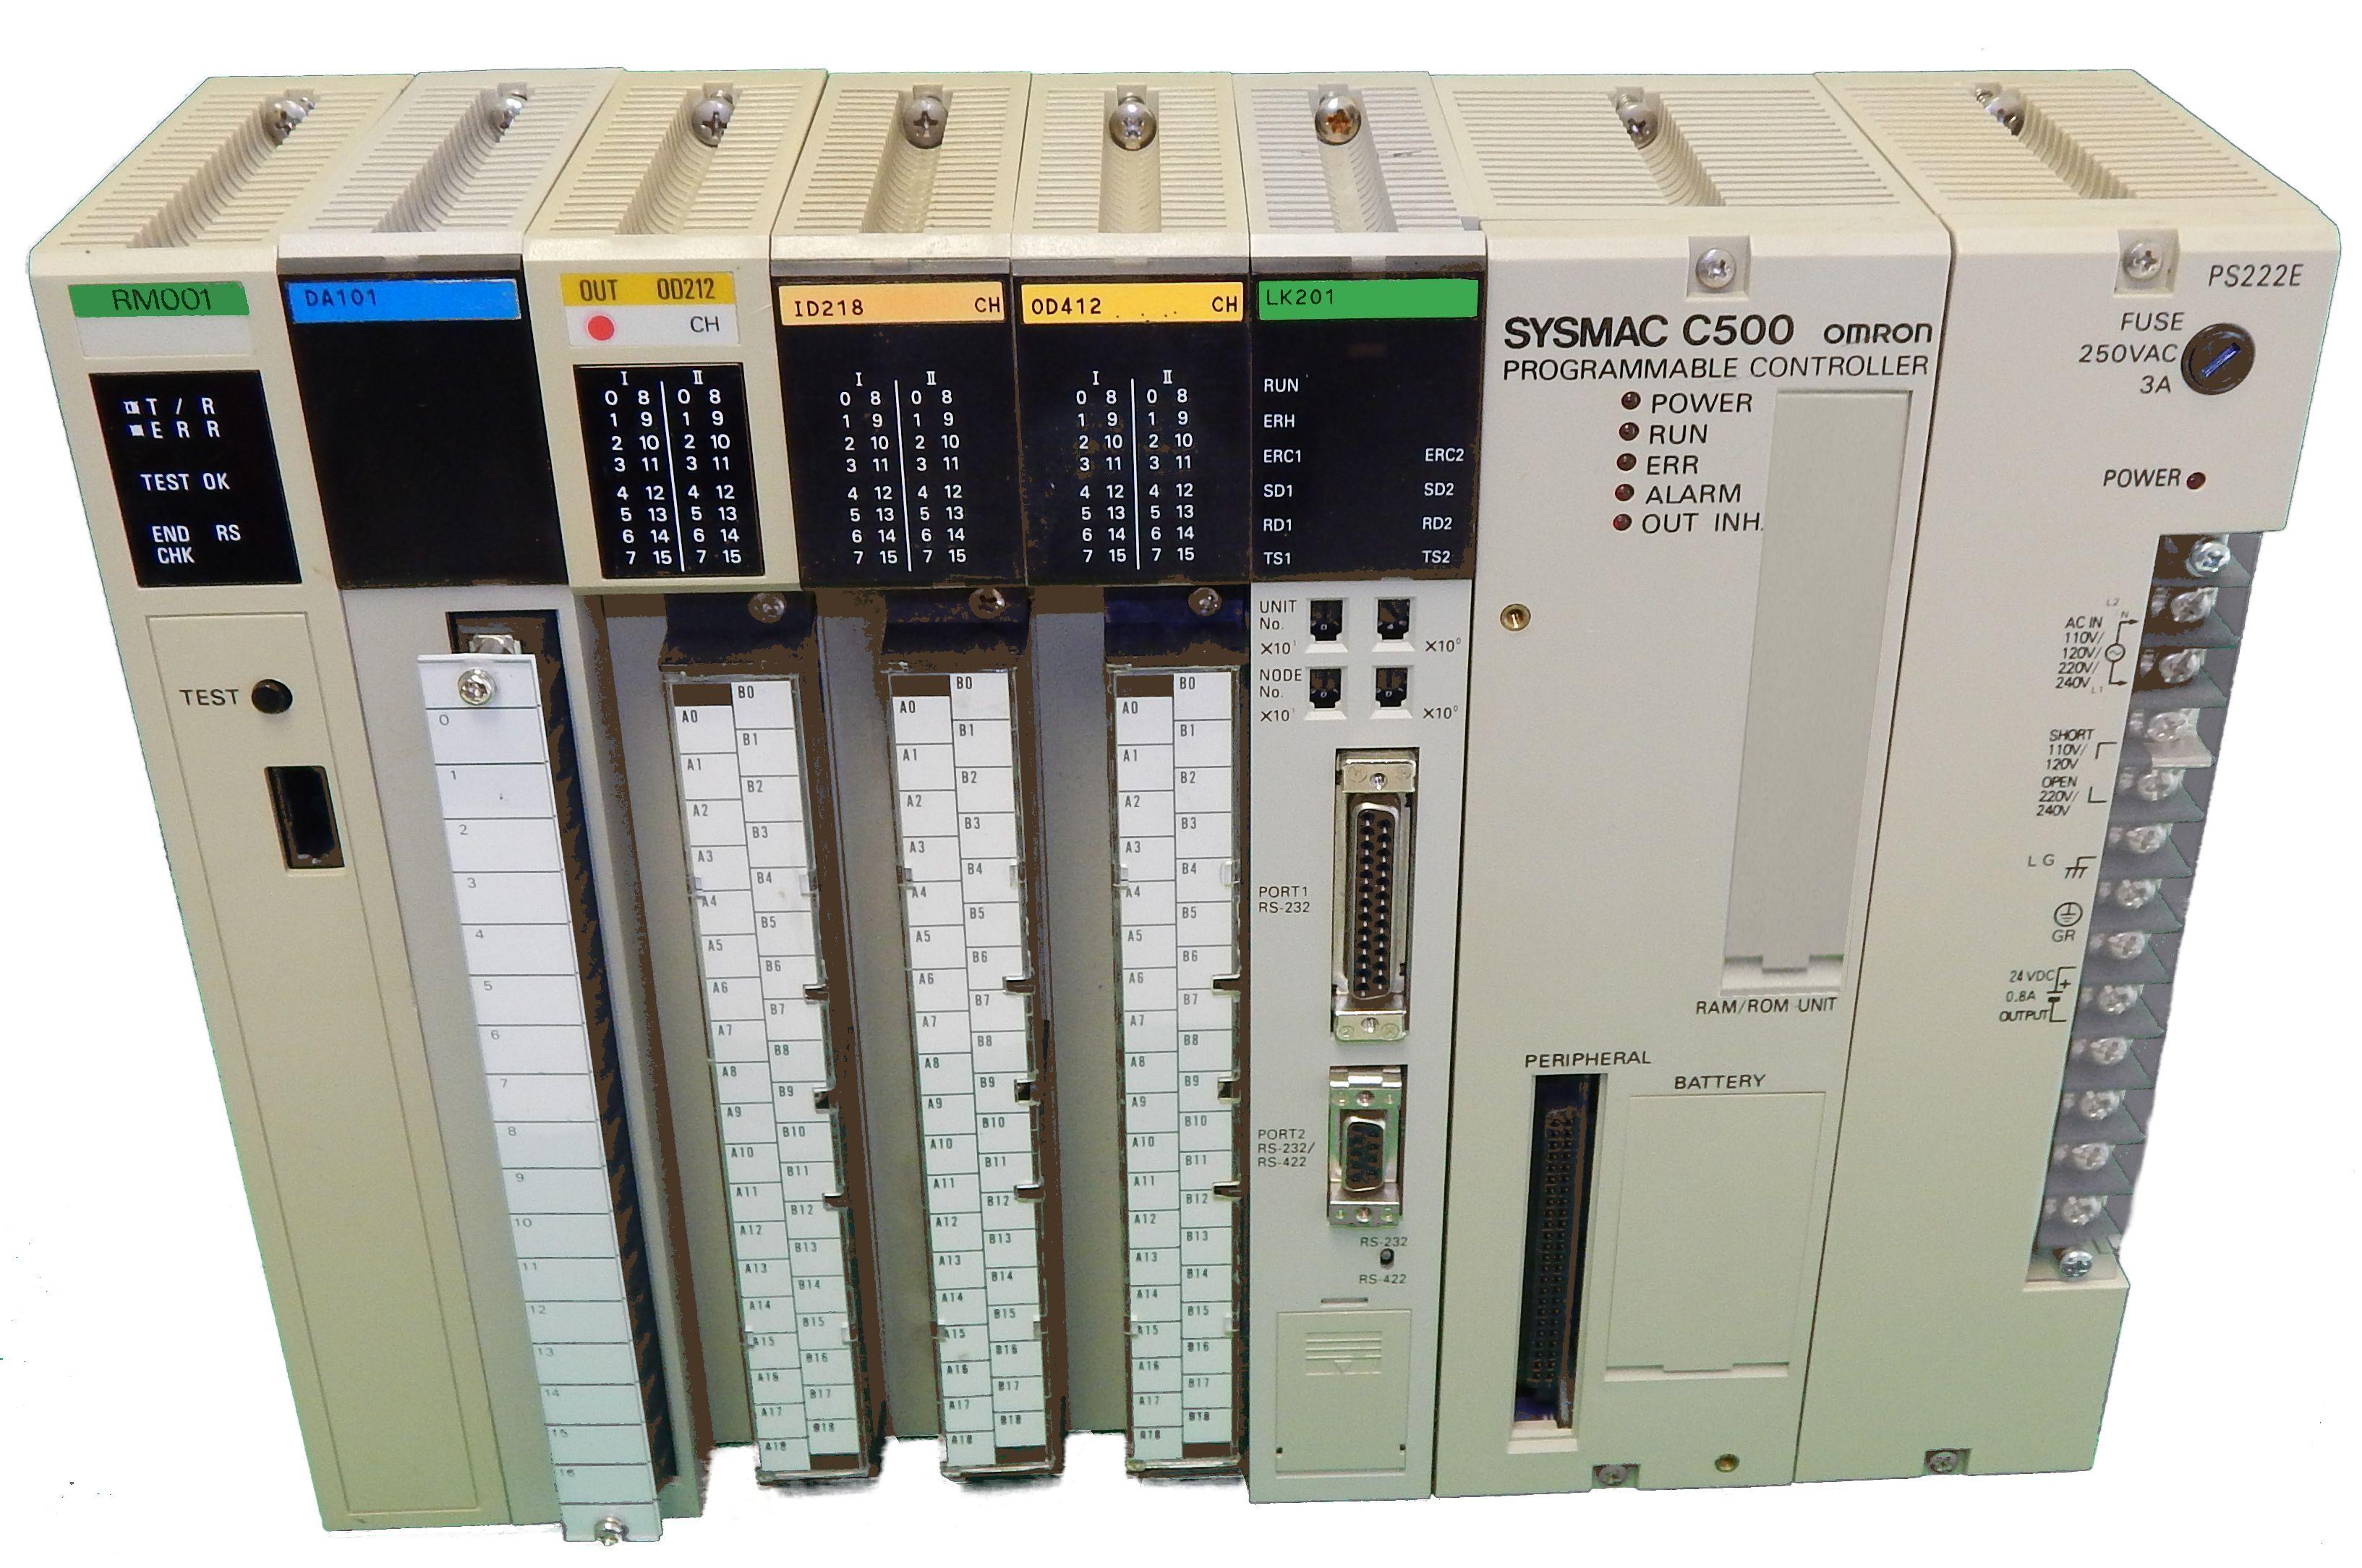 3G2C7-IP002